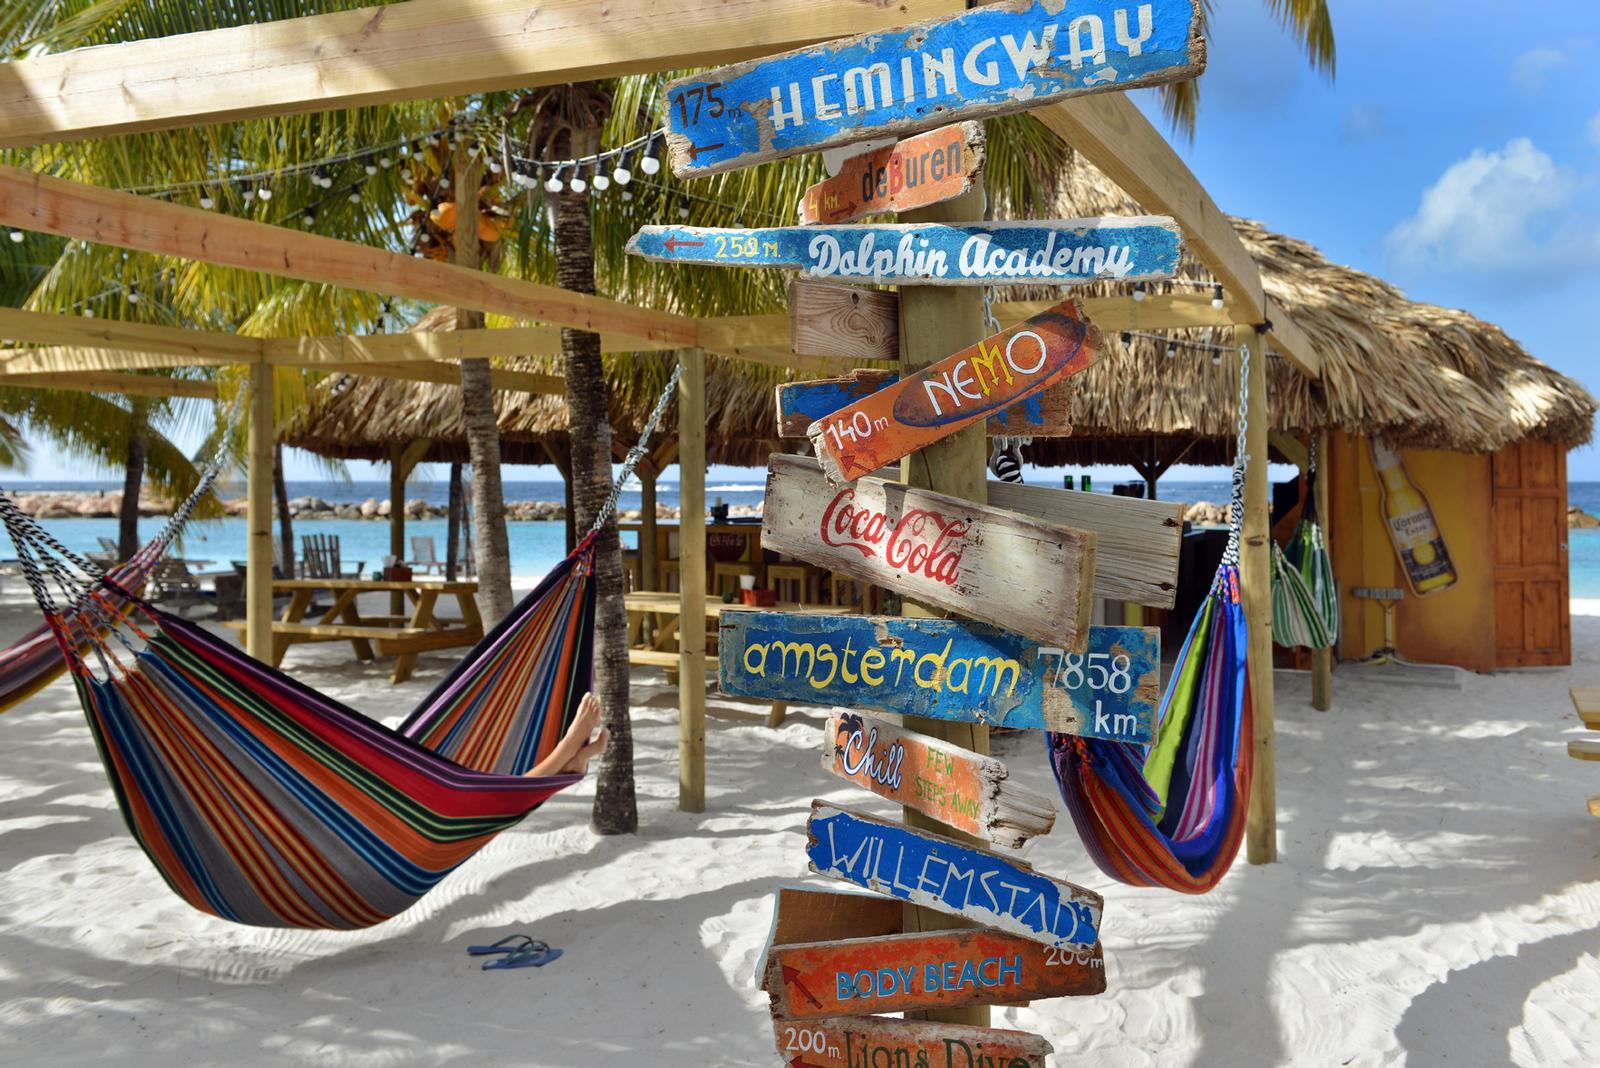 Lions Dive & Beach Resort på Curacao er et ypperlig bosted for både sol- og badeferie, dykking, svømming med delfiner - eller rett og slett nyte ferien på en karibisk øy.